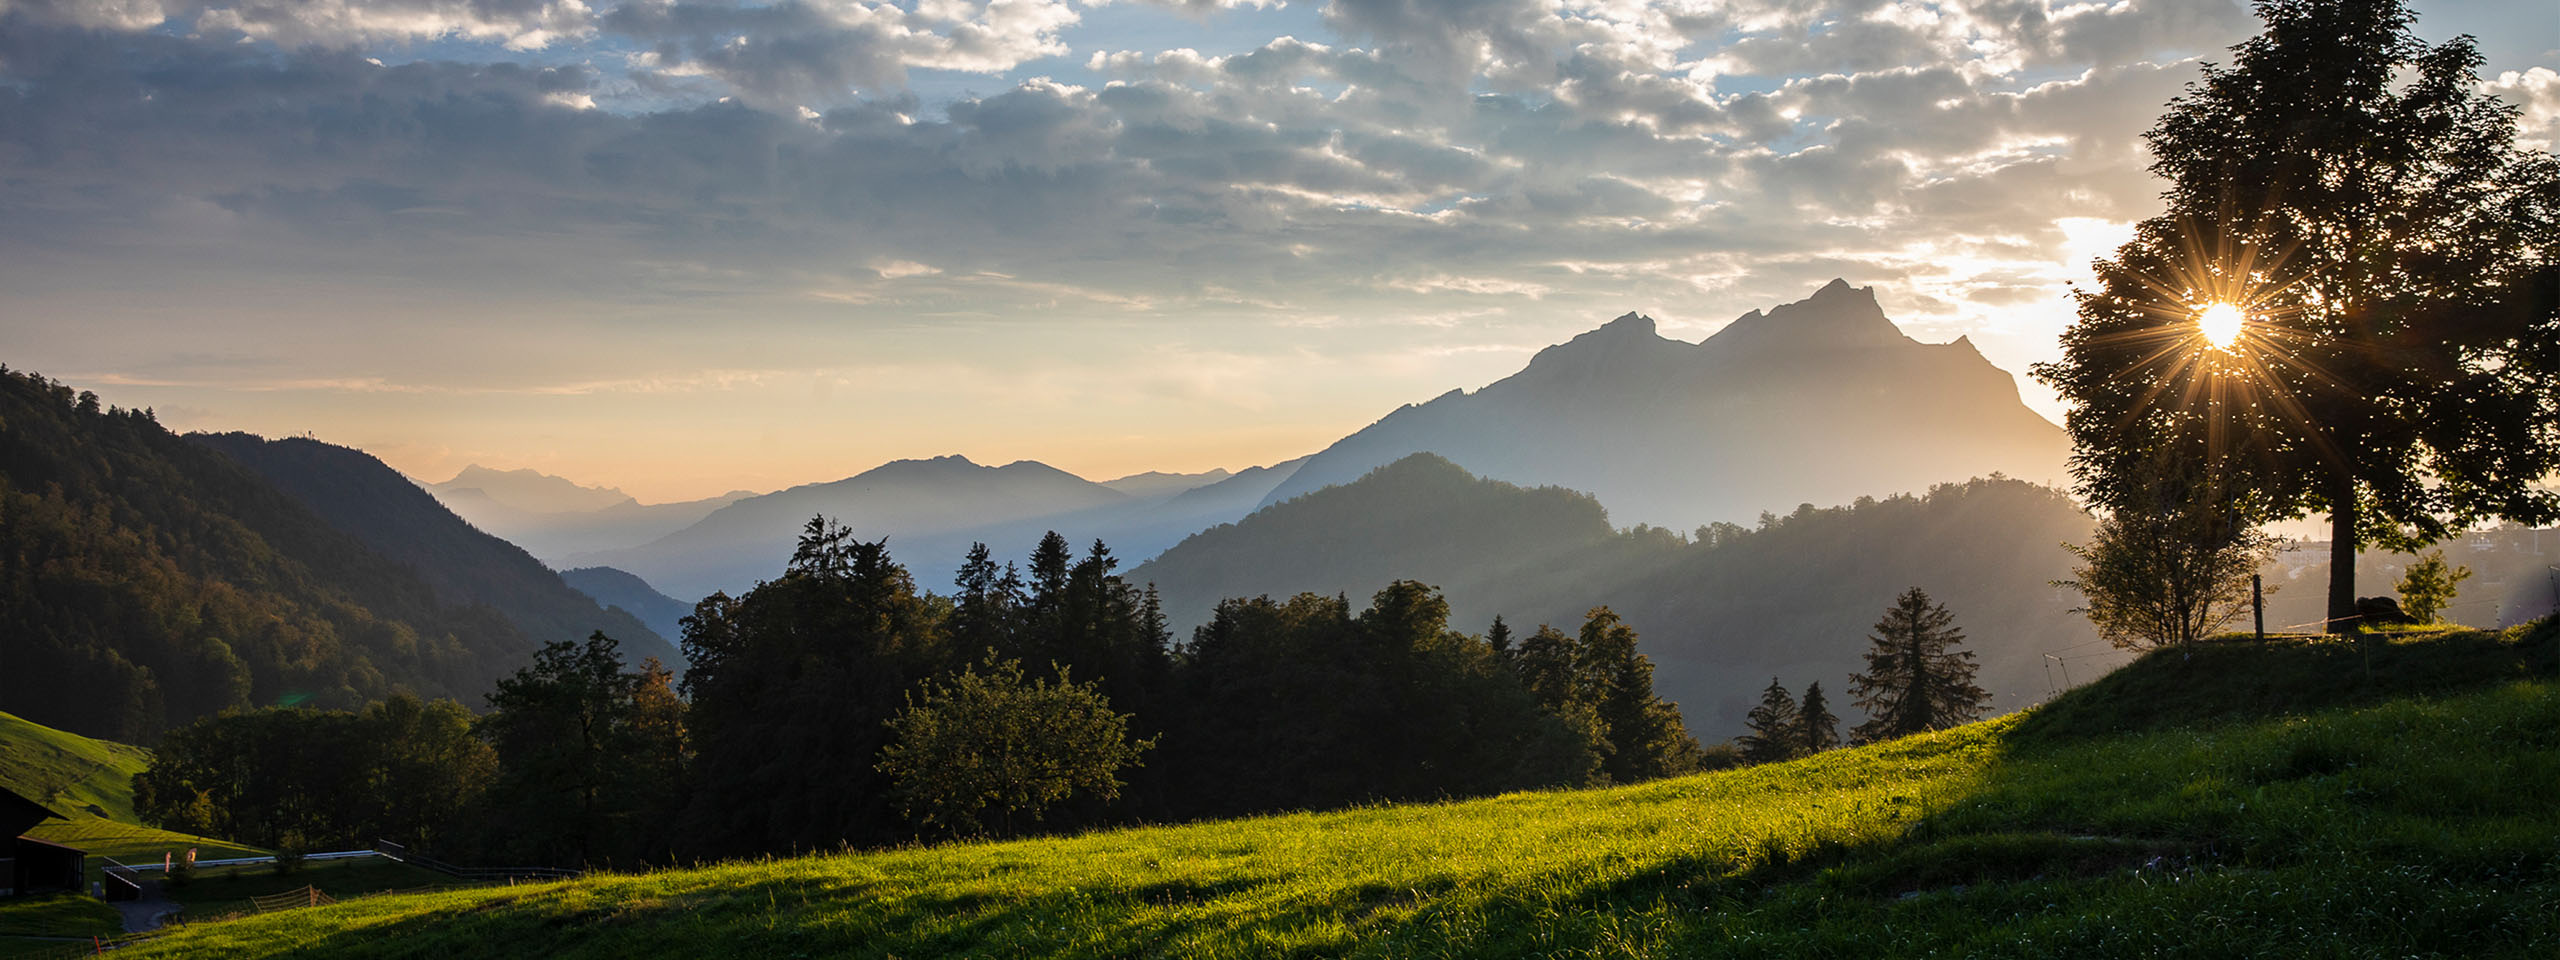 Paar wandert in Schweizer Alpen